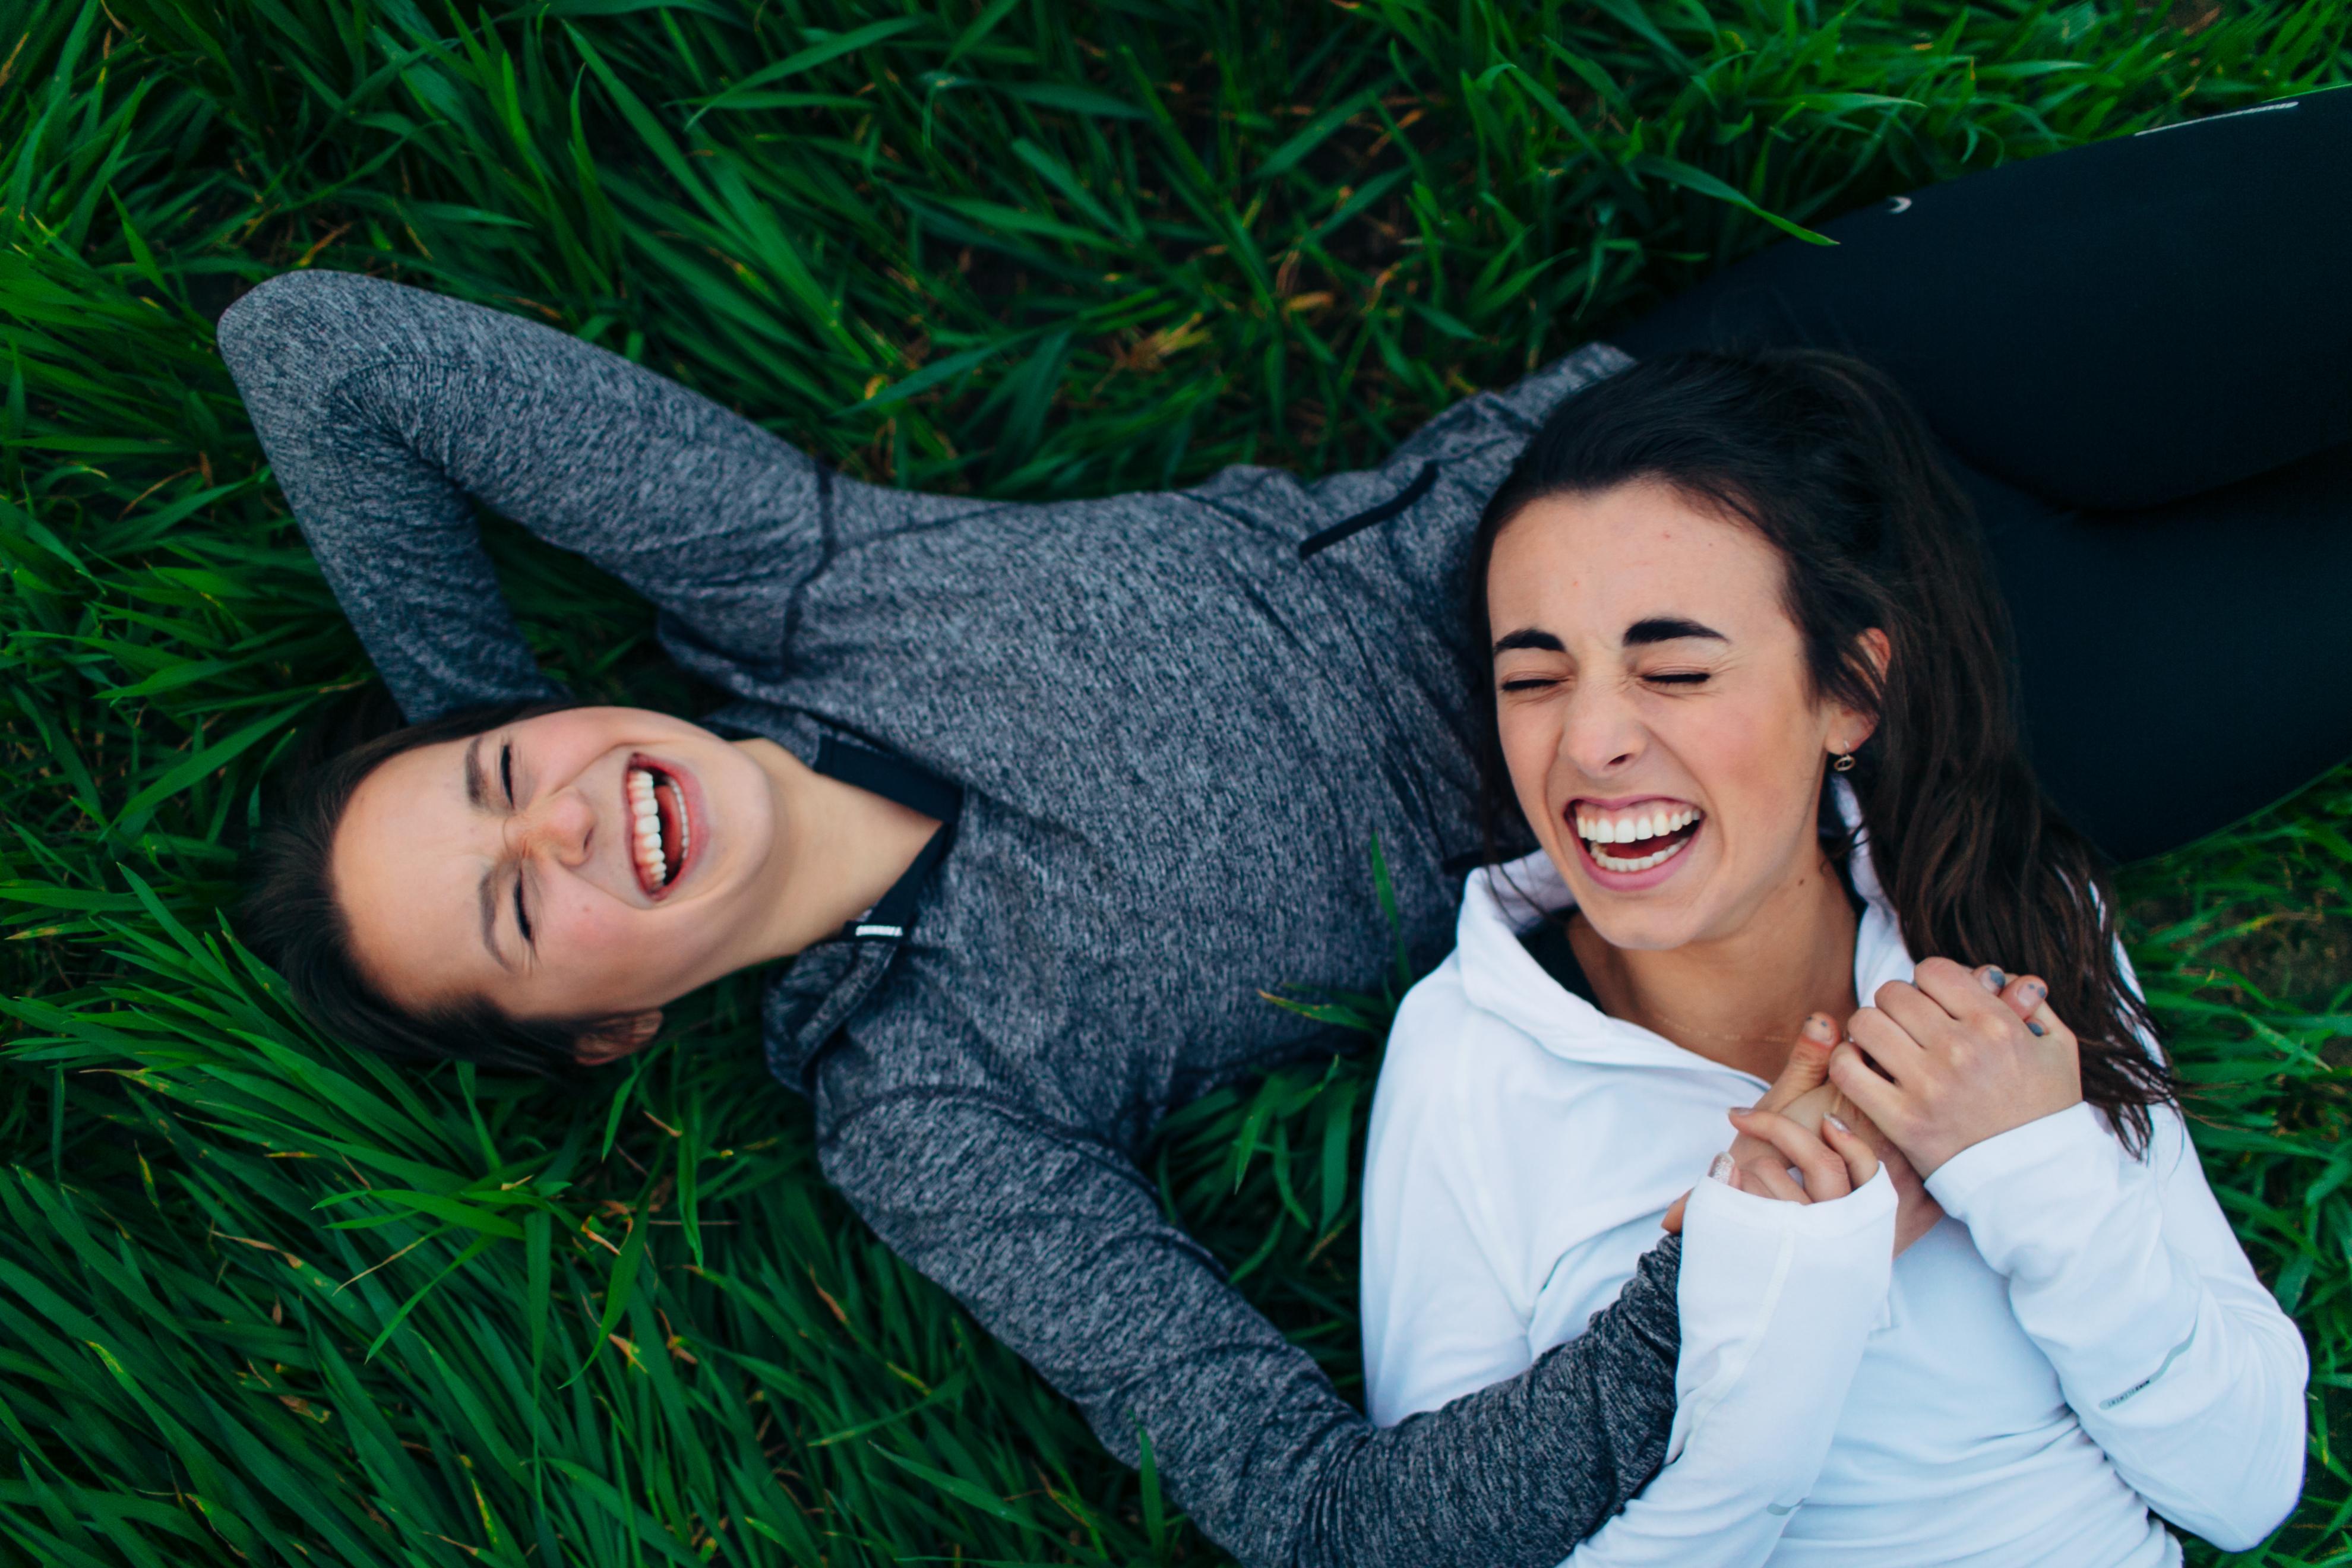 Ansträngningsinkontinens innebär ett ofrivilligt läckage vid någon form av fysisk ansträngning, ett skratt eller en nysning kan räcka.